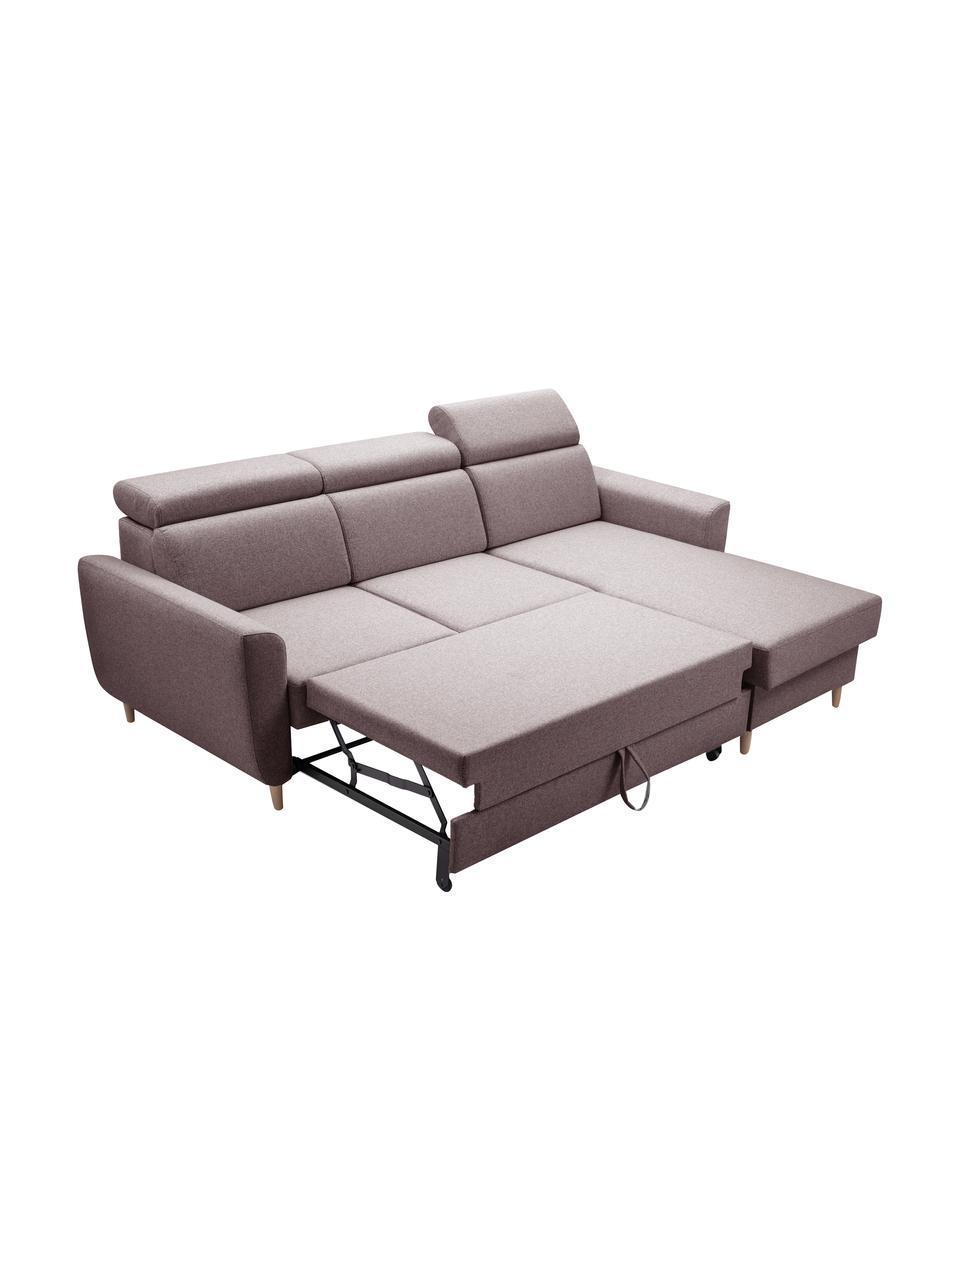 Sofa narożna z funkcją spania i schowkiem Gusto (4-osobowa), Tapicerka: 100% poliester, Beżowy, S 235 x G 170 cm